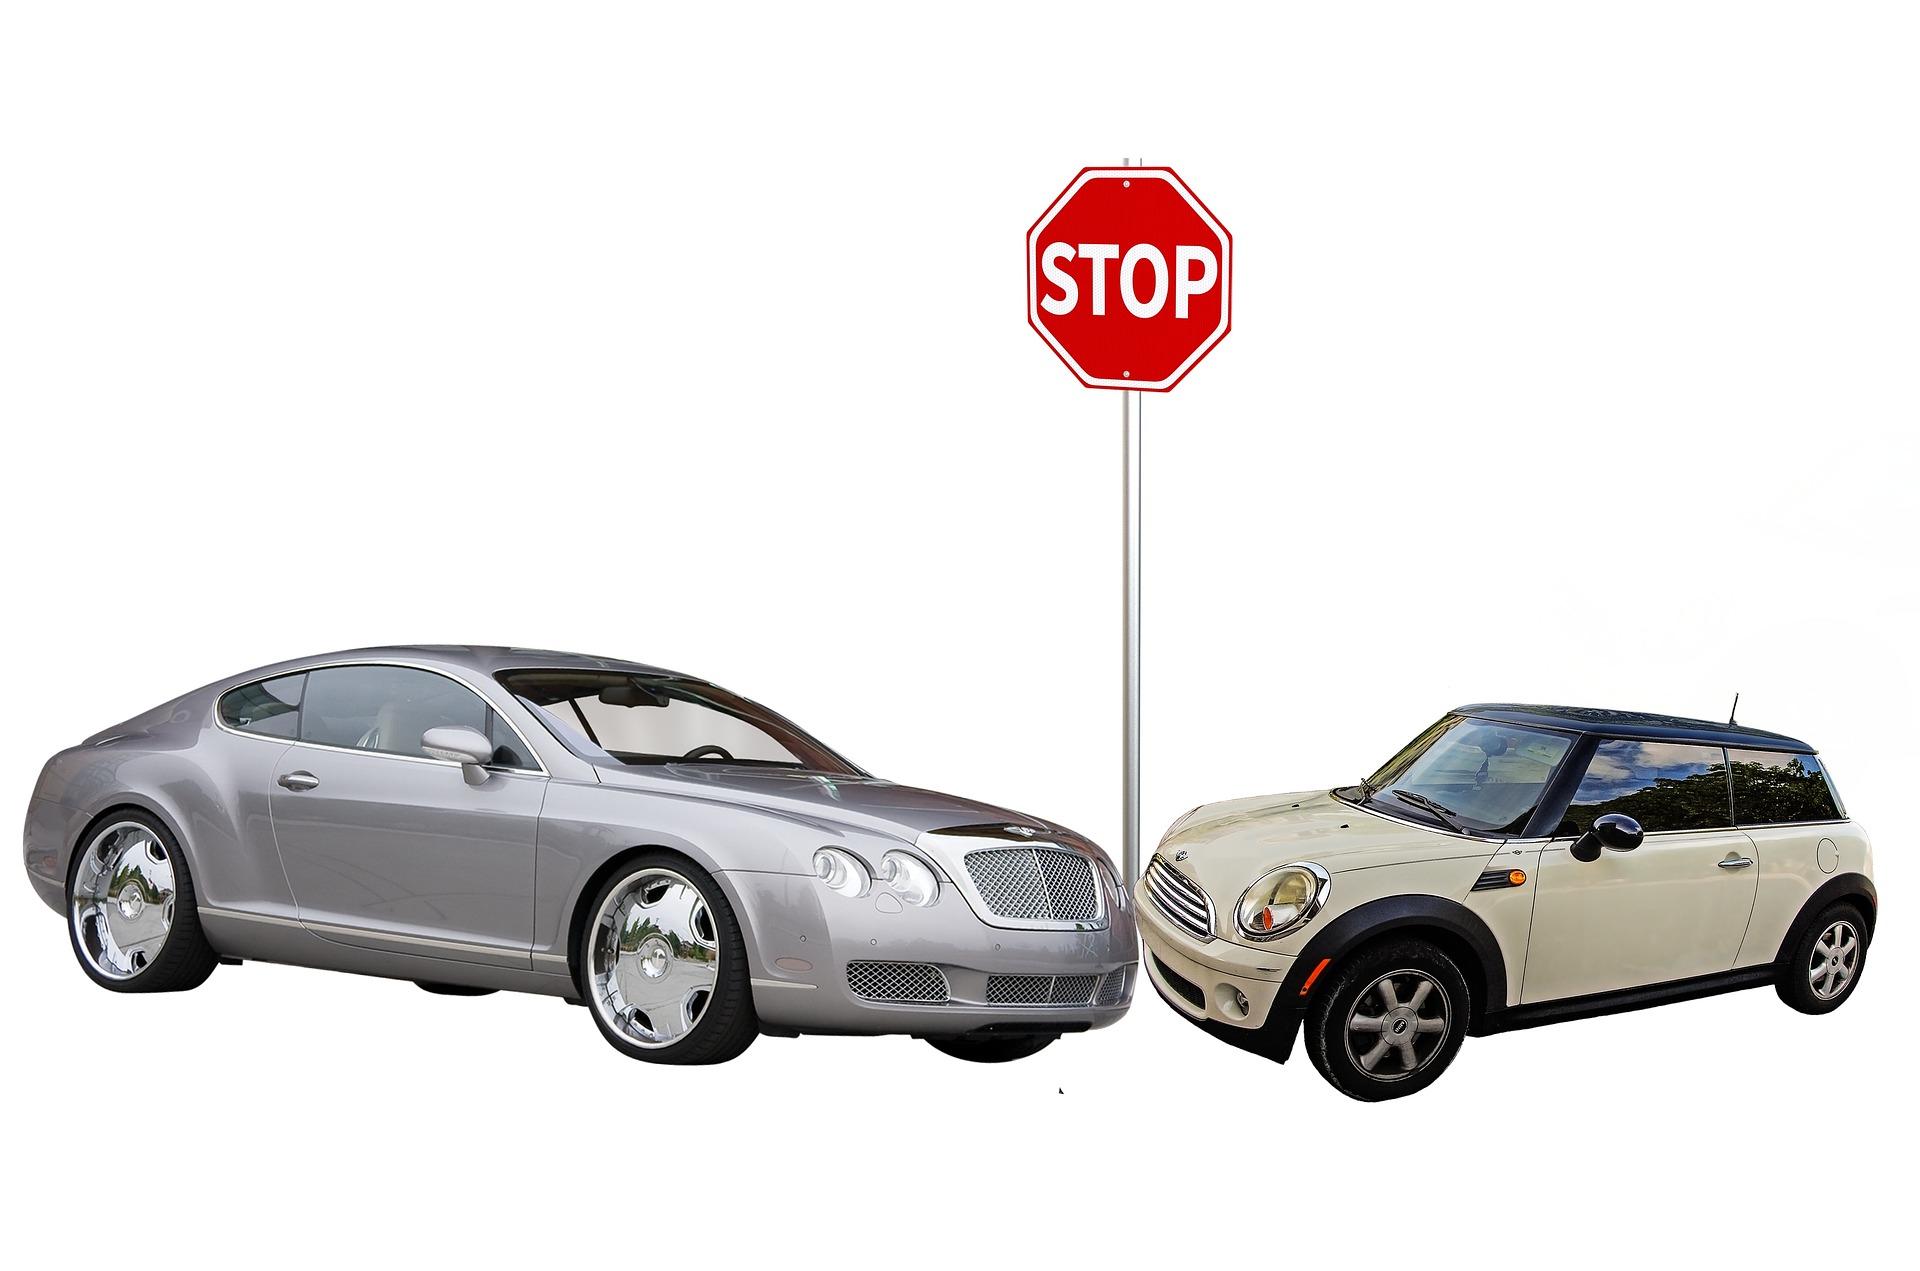 自動車保険を乗り換える場合の注意点